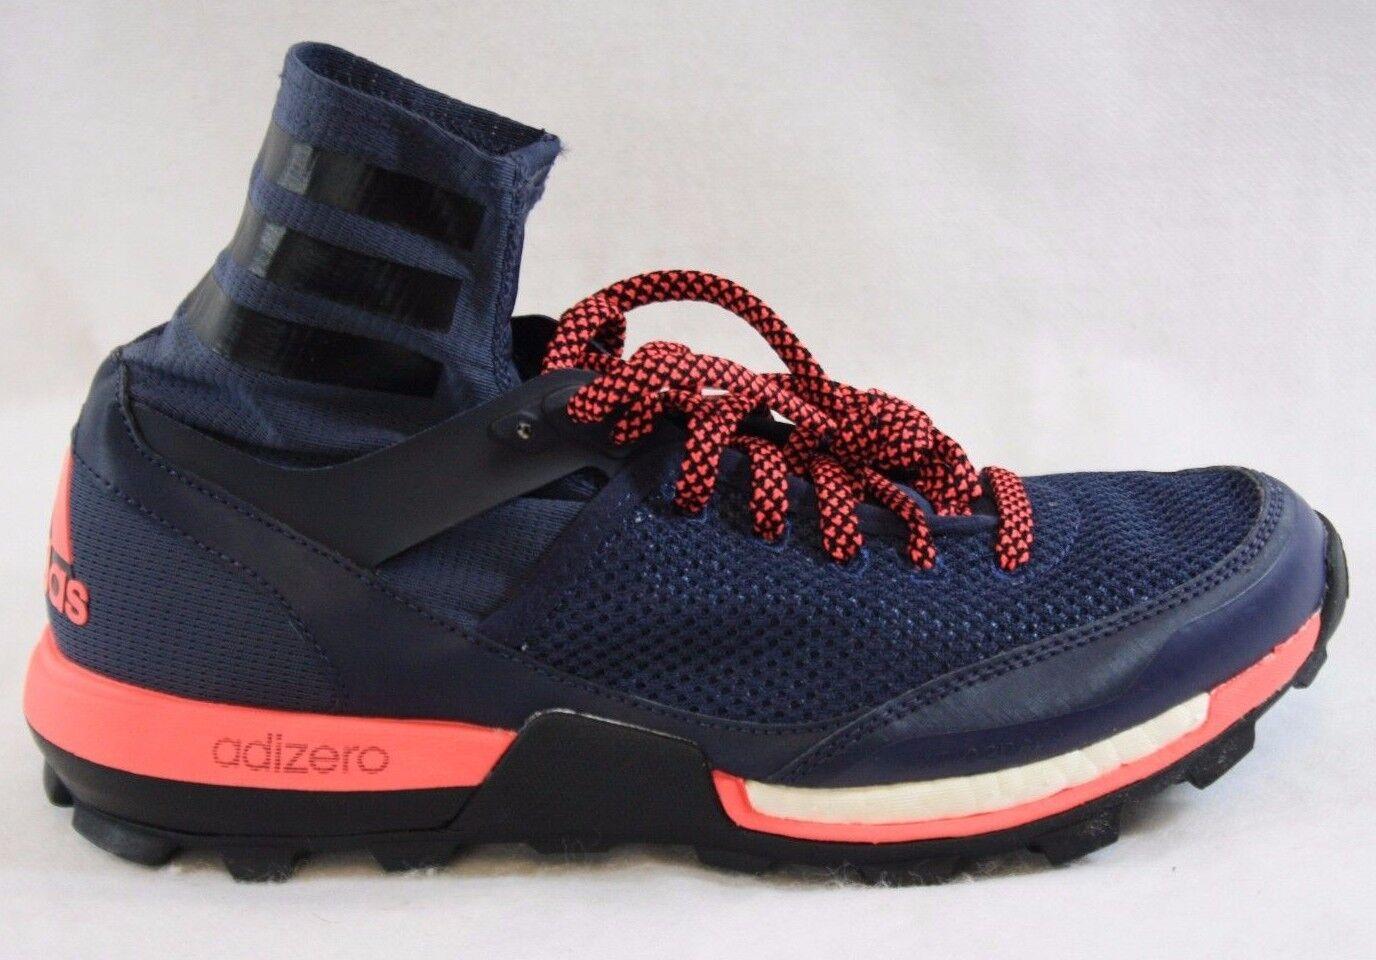 Nuove donne sz 7 adidas adizero xt impulso notte b23455 scarpe scarpe blu notte impulso 585227